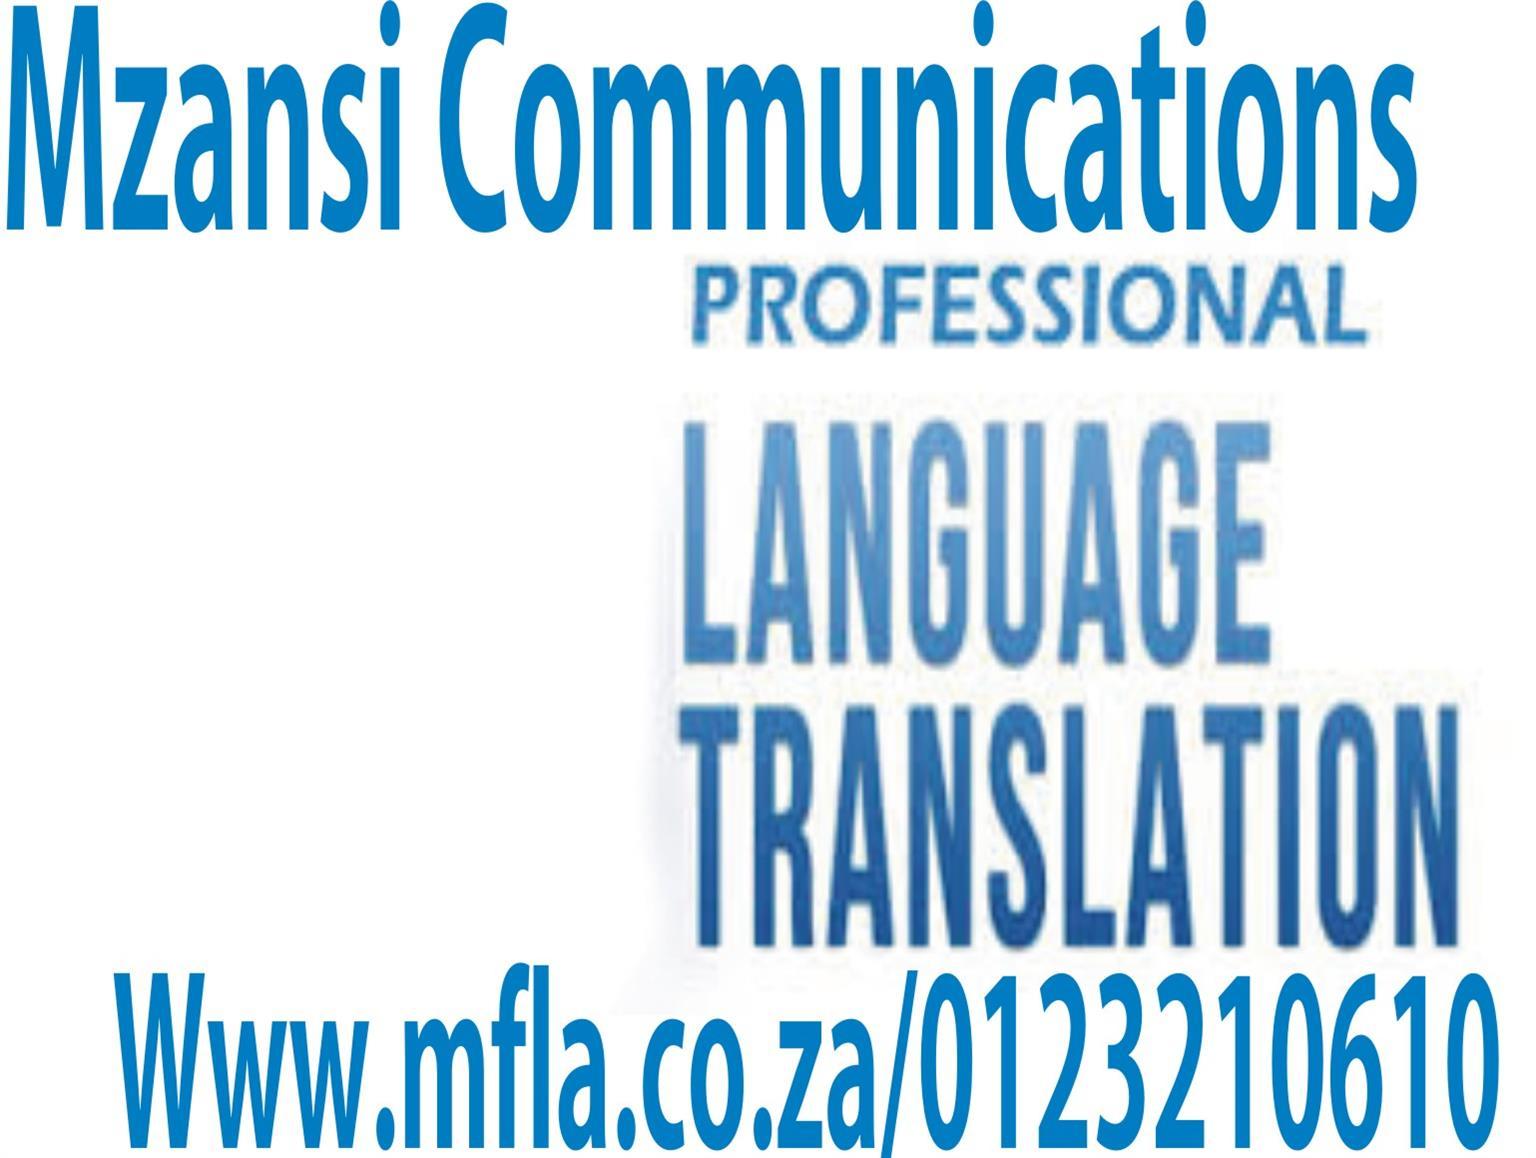 PROFESSIONAL HUMAN TRANSLATORS